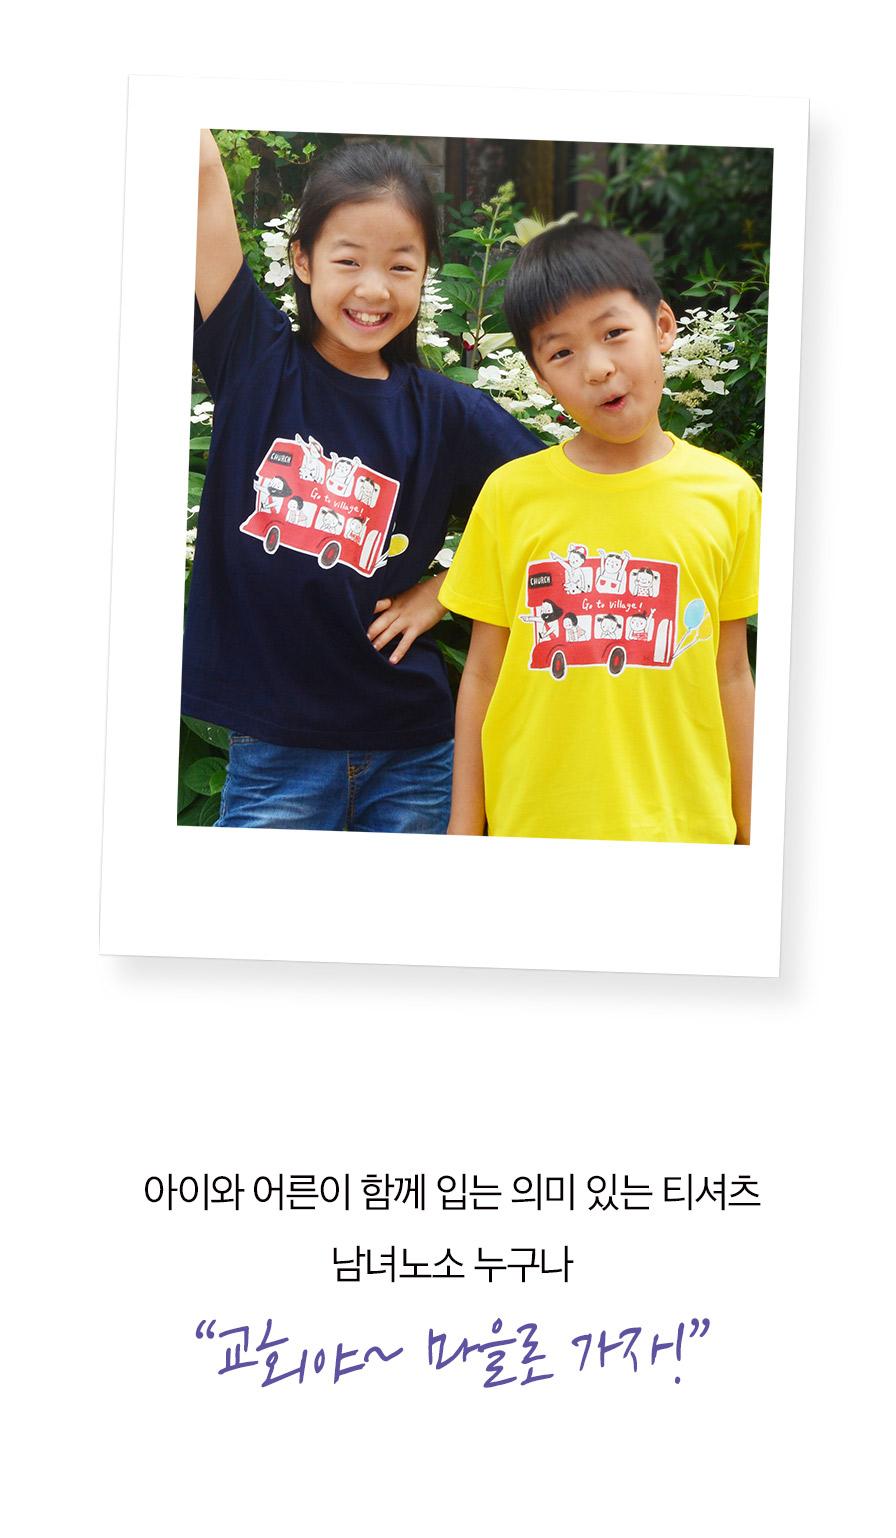 아이와 어른이 함께 입는 의미있는 티셔츠 교회야 마을로 가자